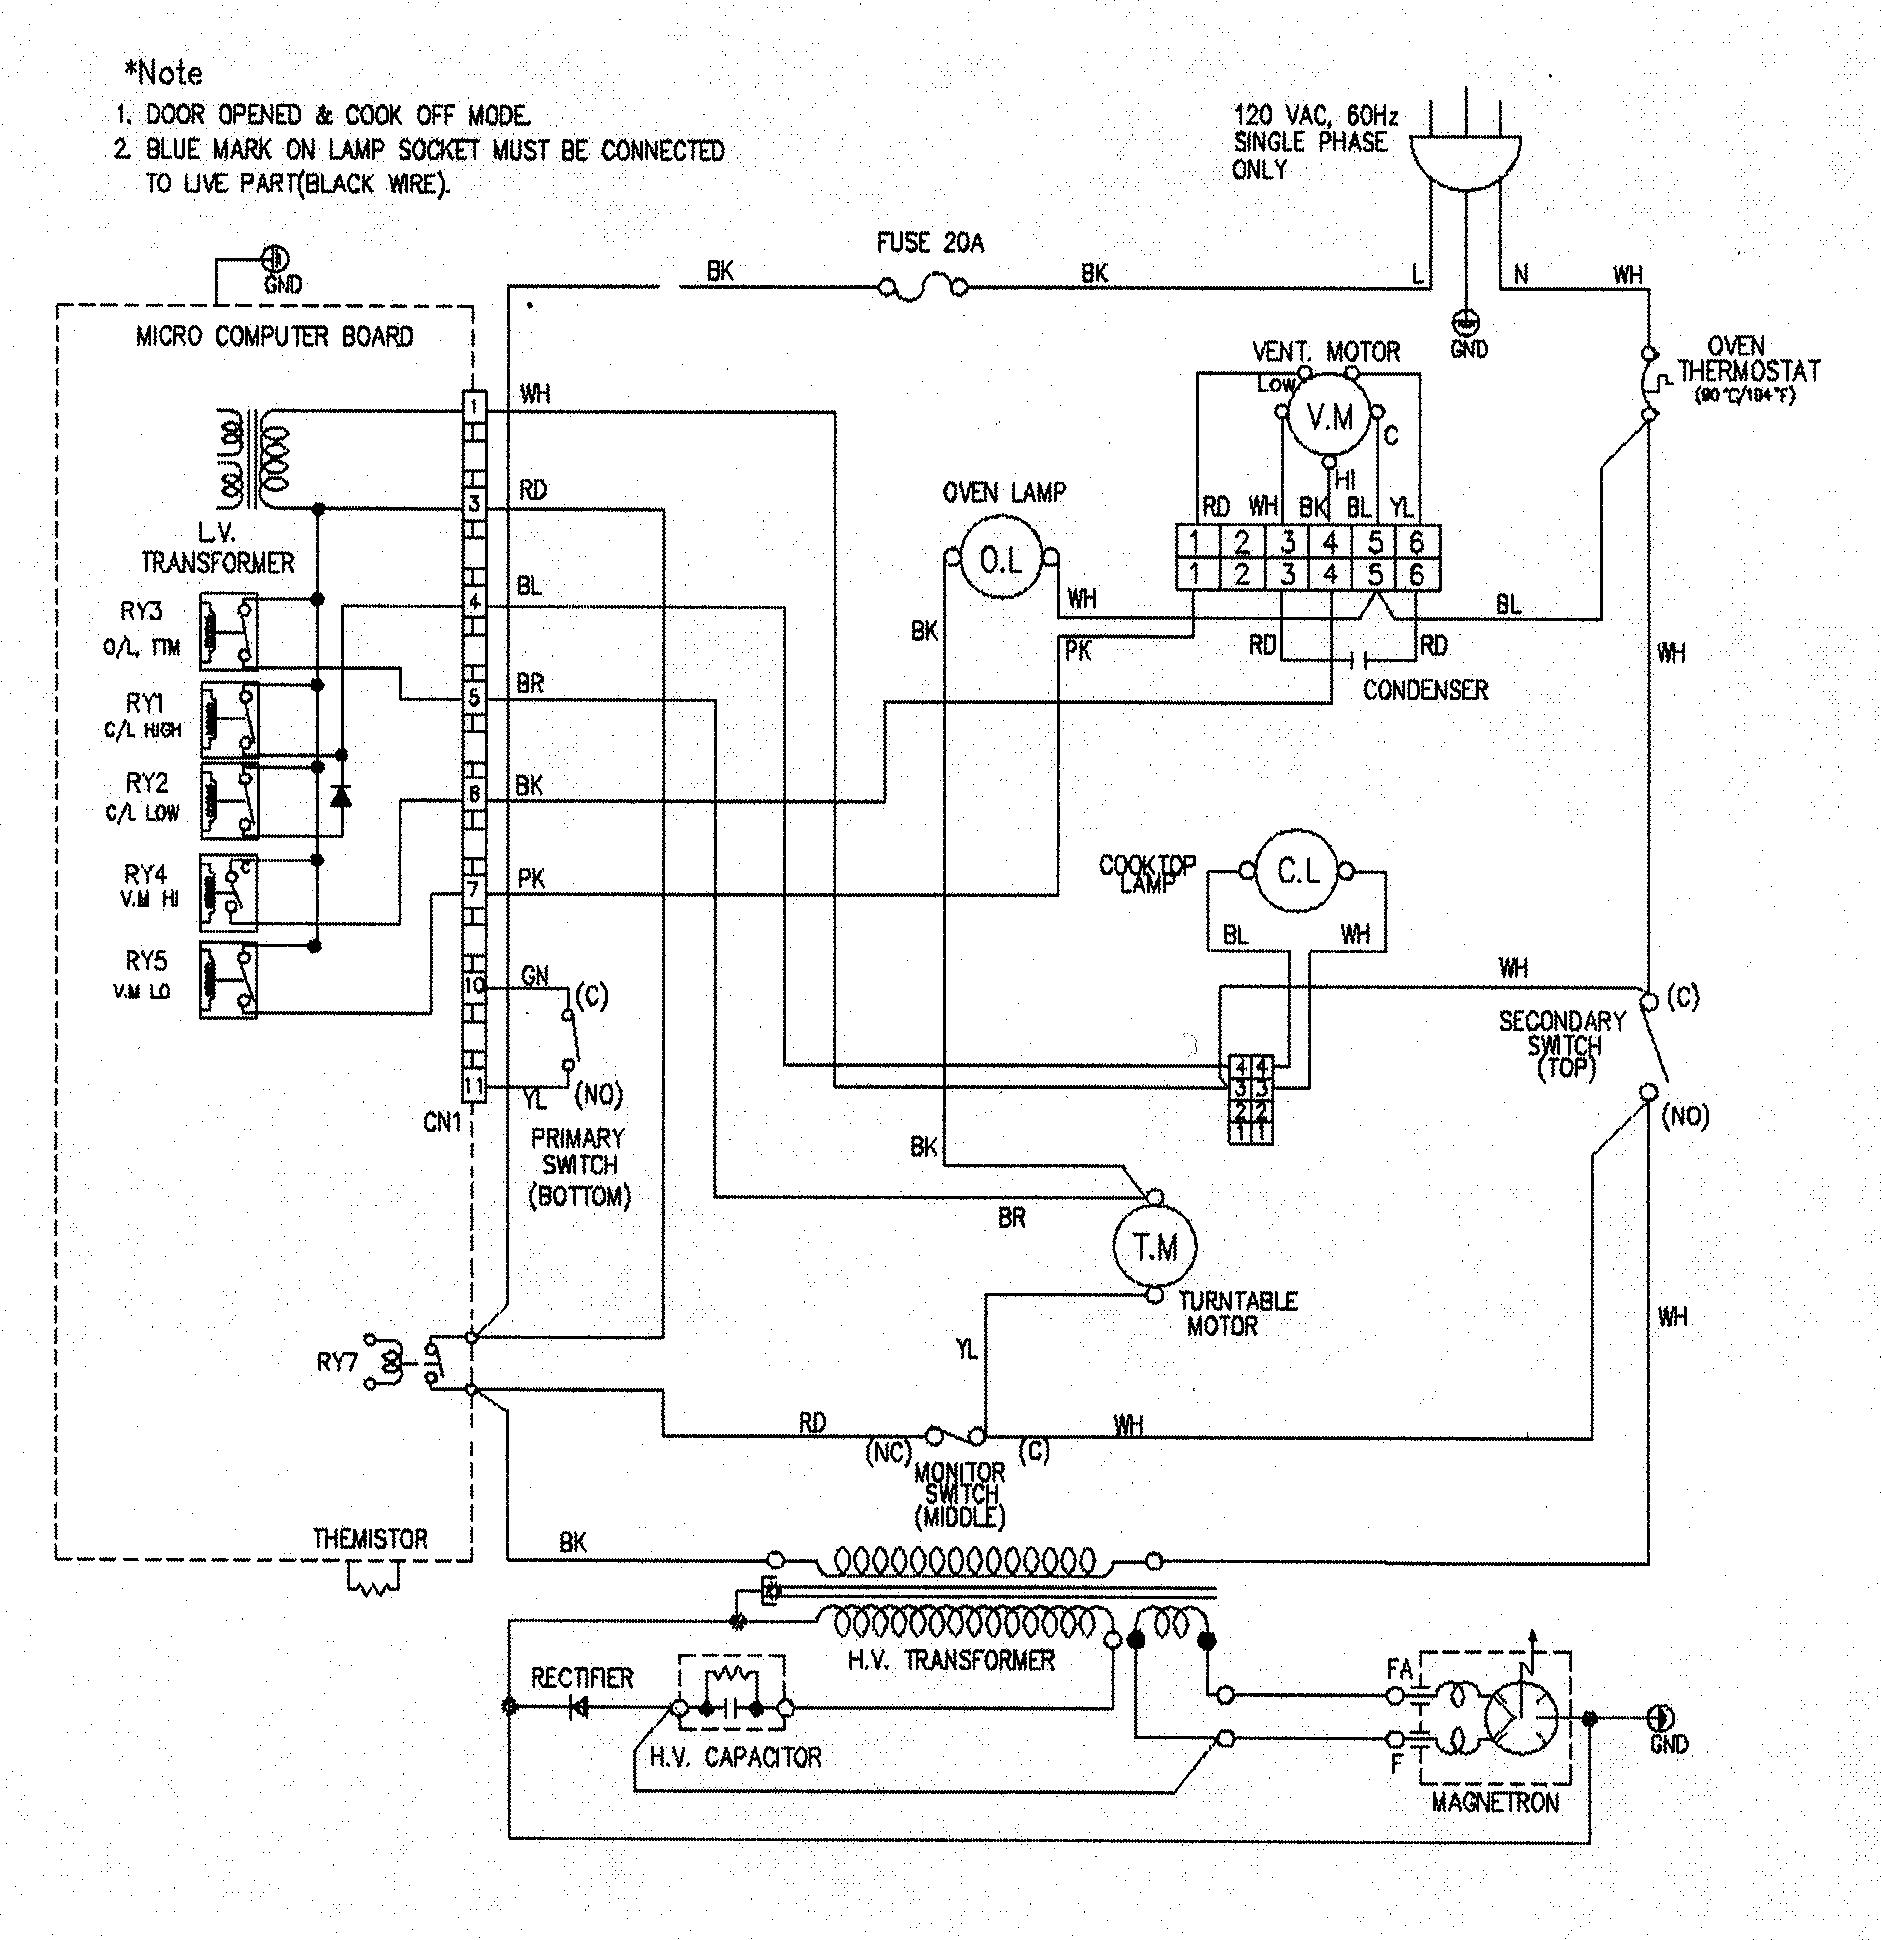 Wiring Diagram For Kitchen Range